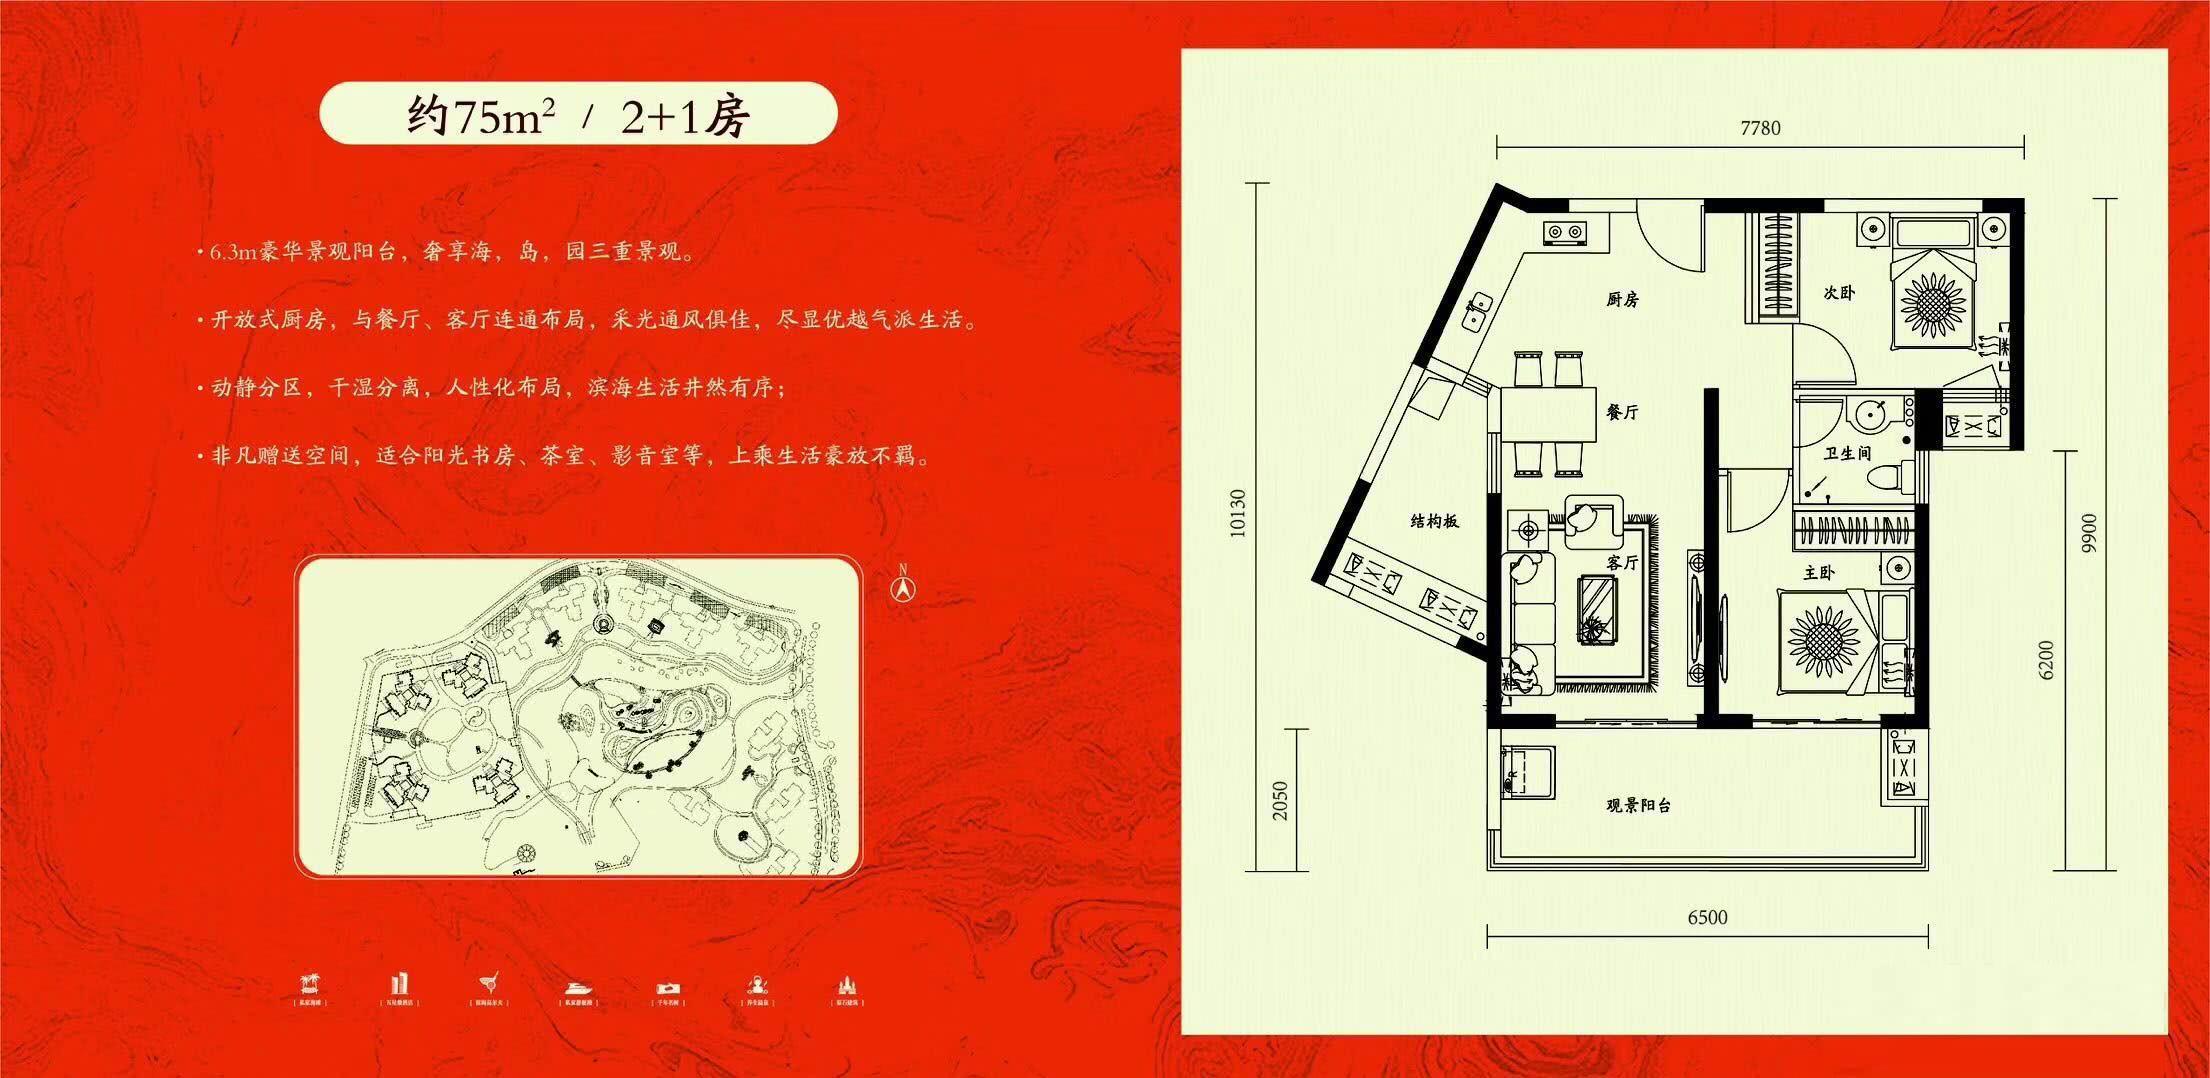 桃花岛2+1房约75平